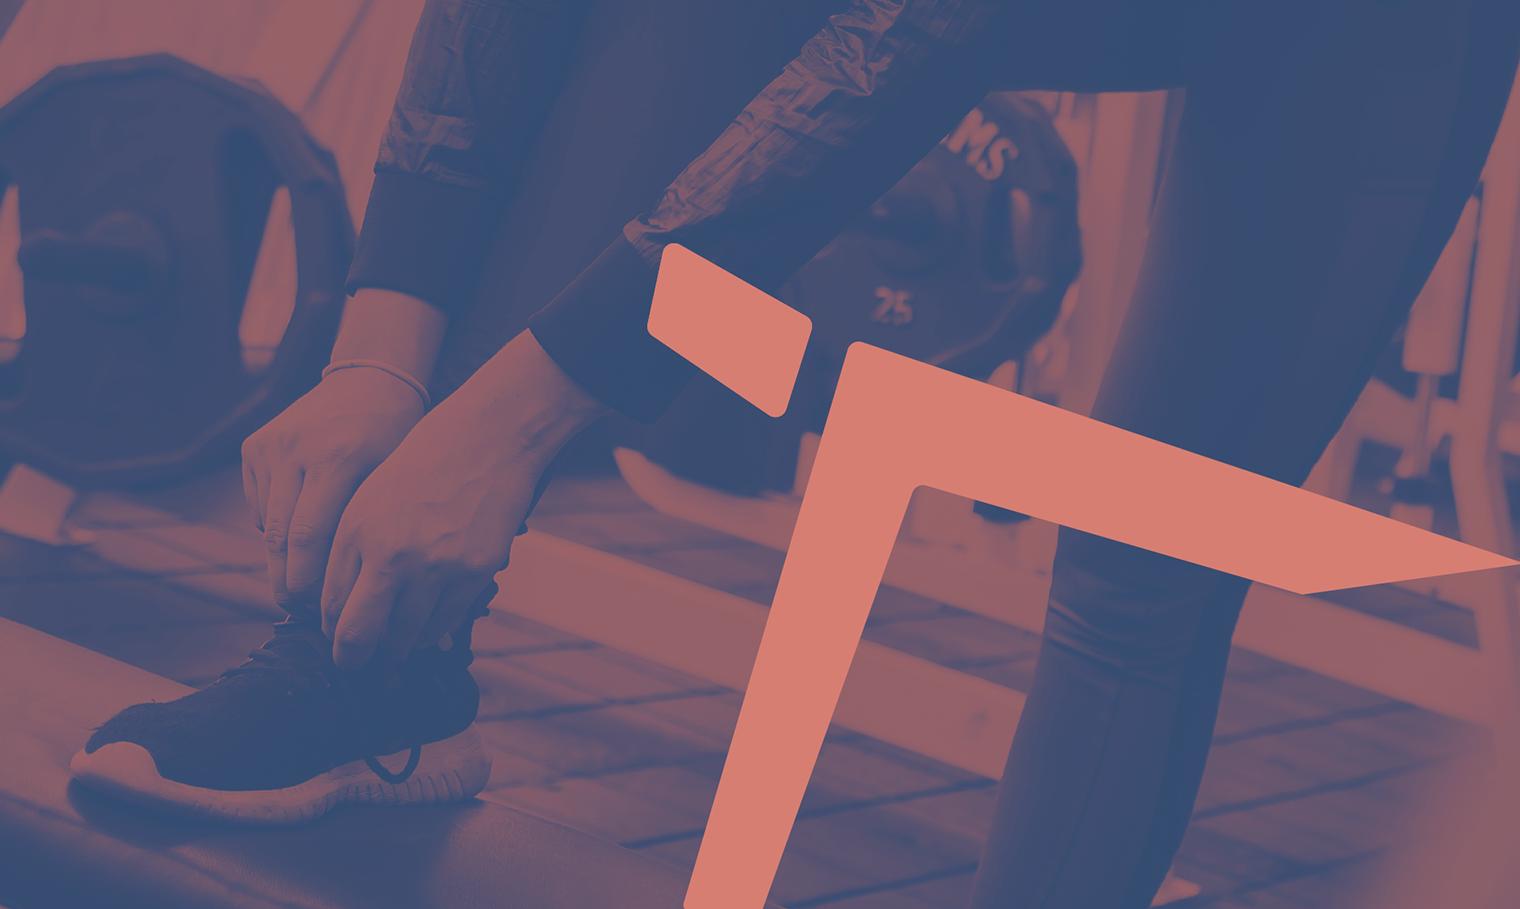 Tibia Trening – Visuell identitet til treningssenter